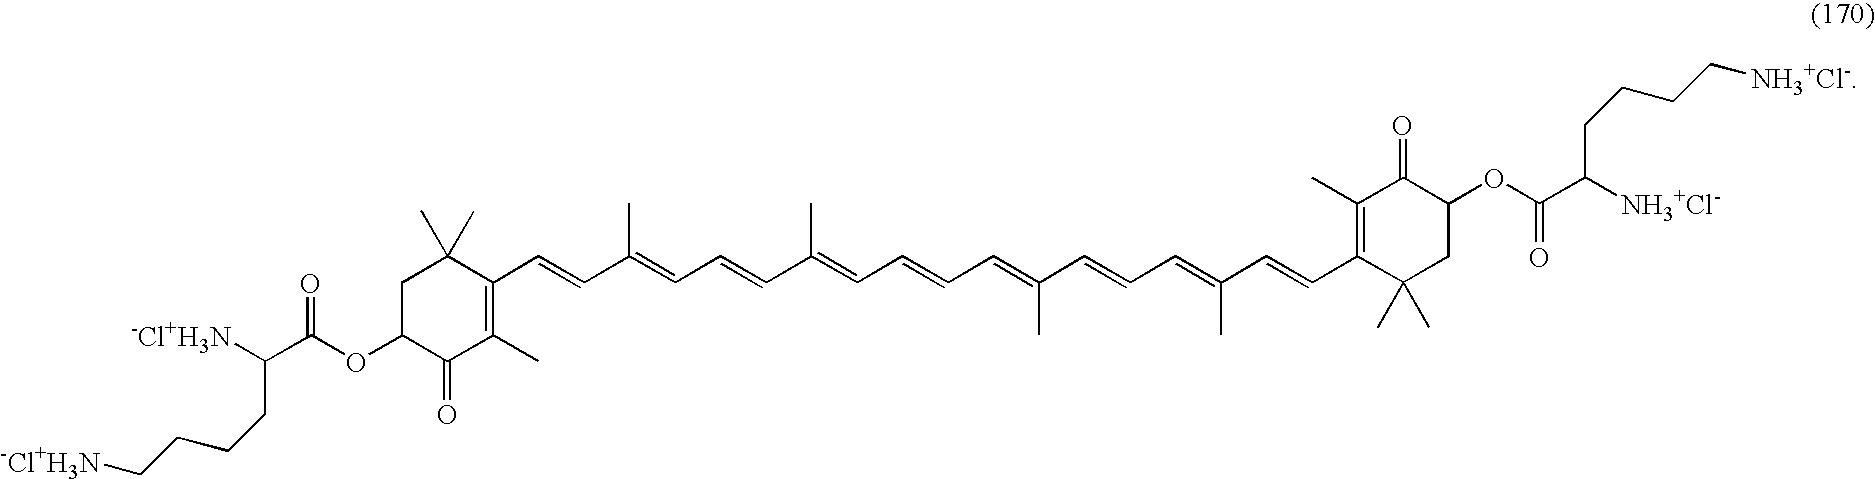 Figure US07691901-20100406-C00071